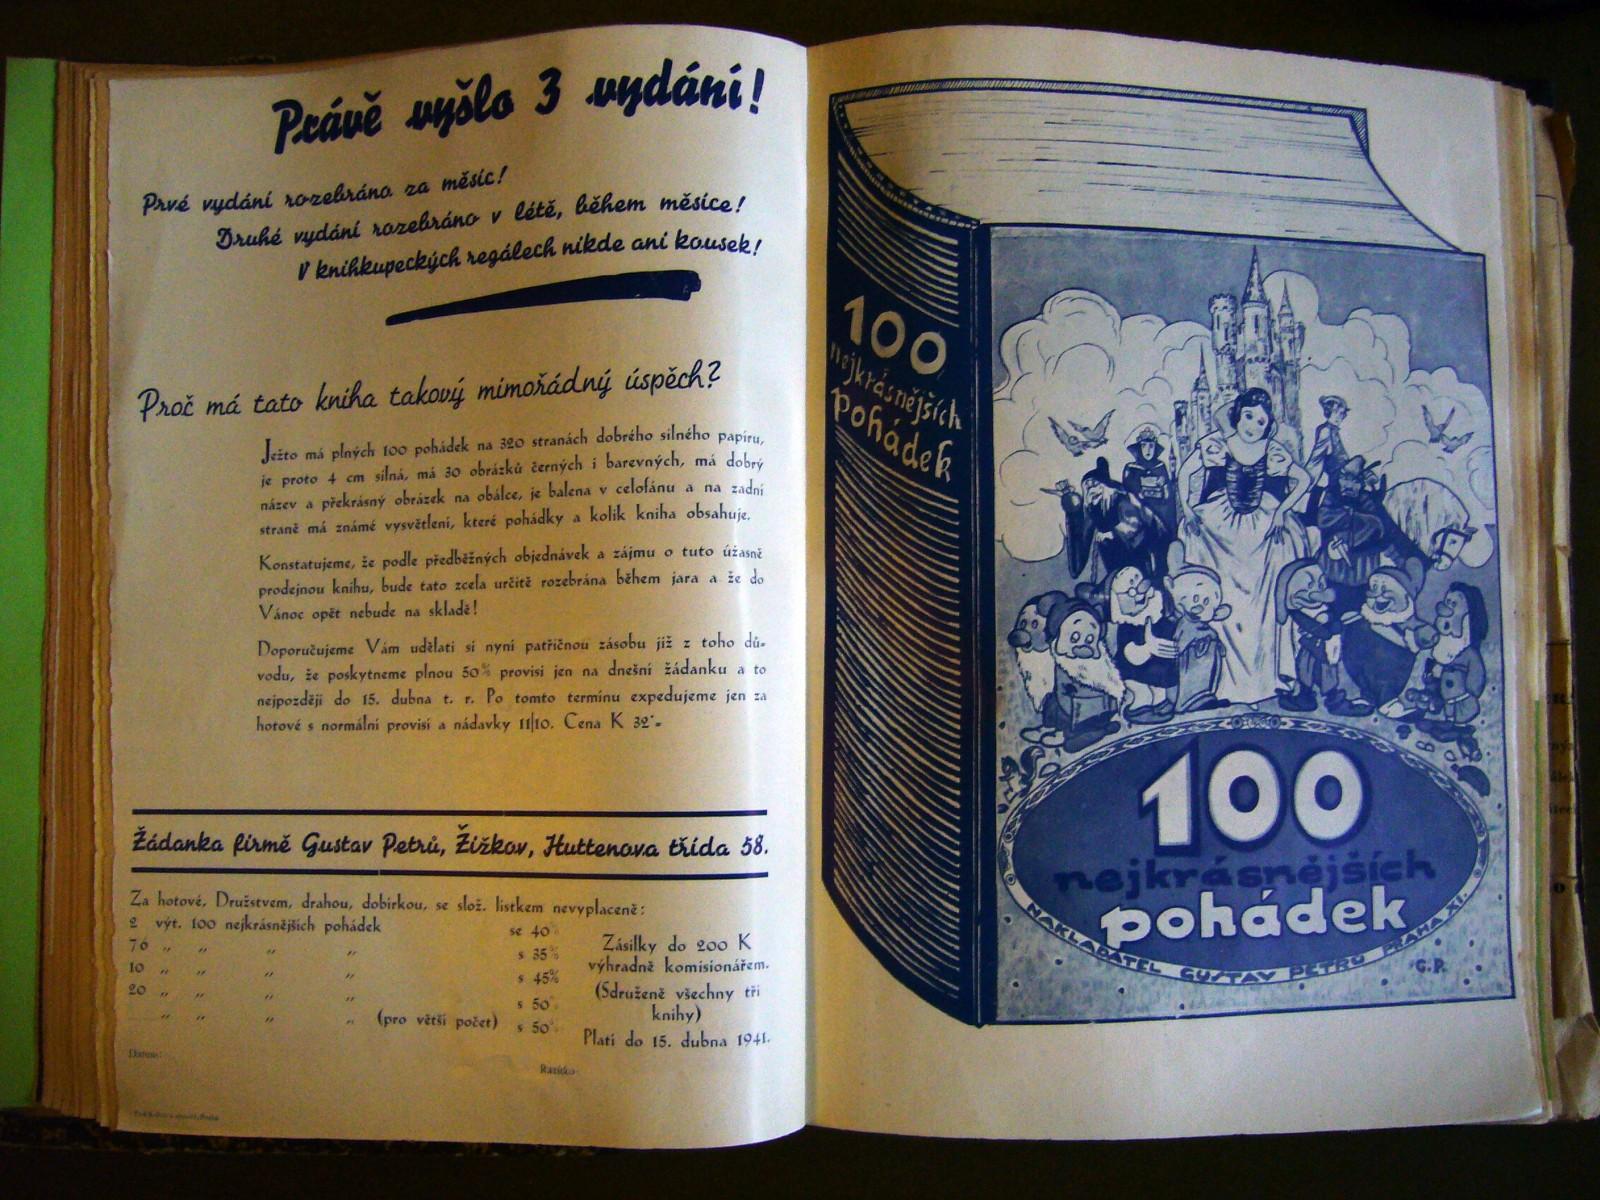 Informace o vydání knihy 100 nejkrásnějších pohádek